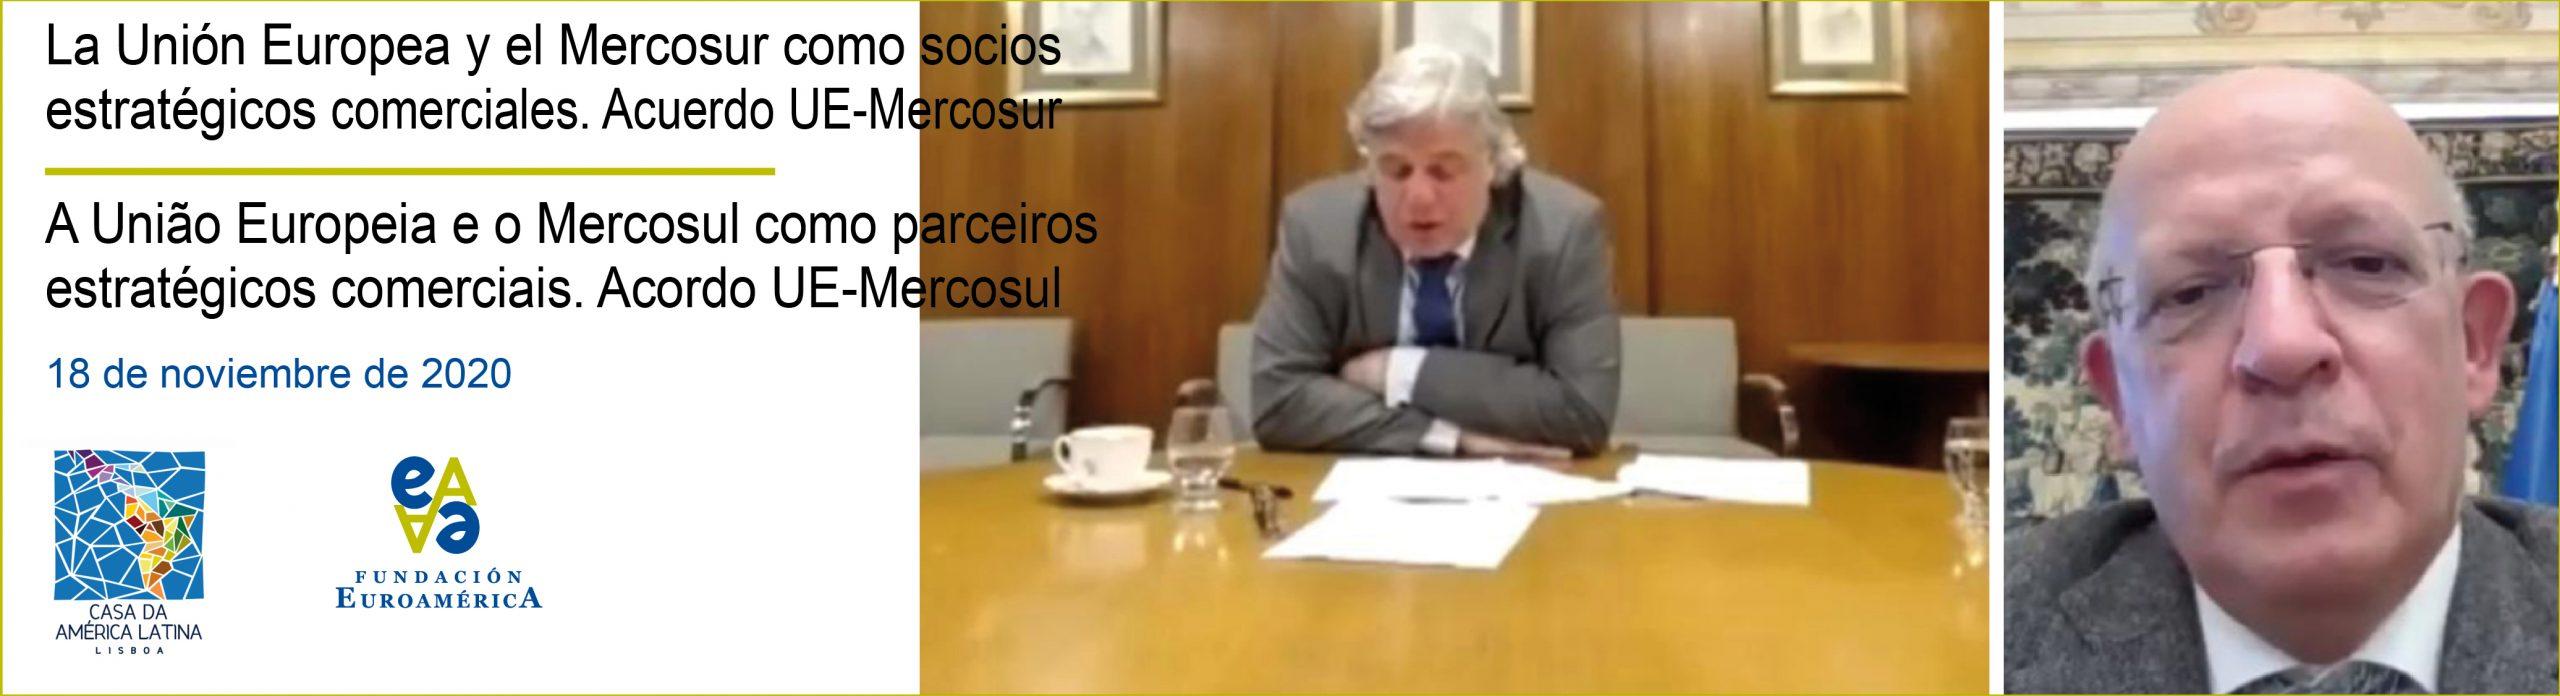 Online / Acuerdo UE-Mercosur